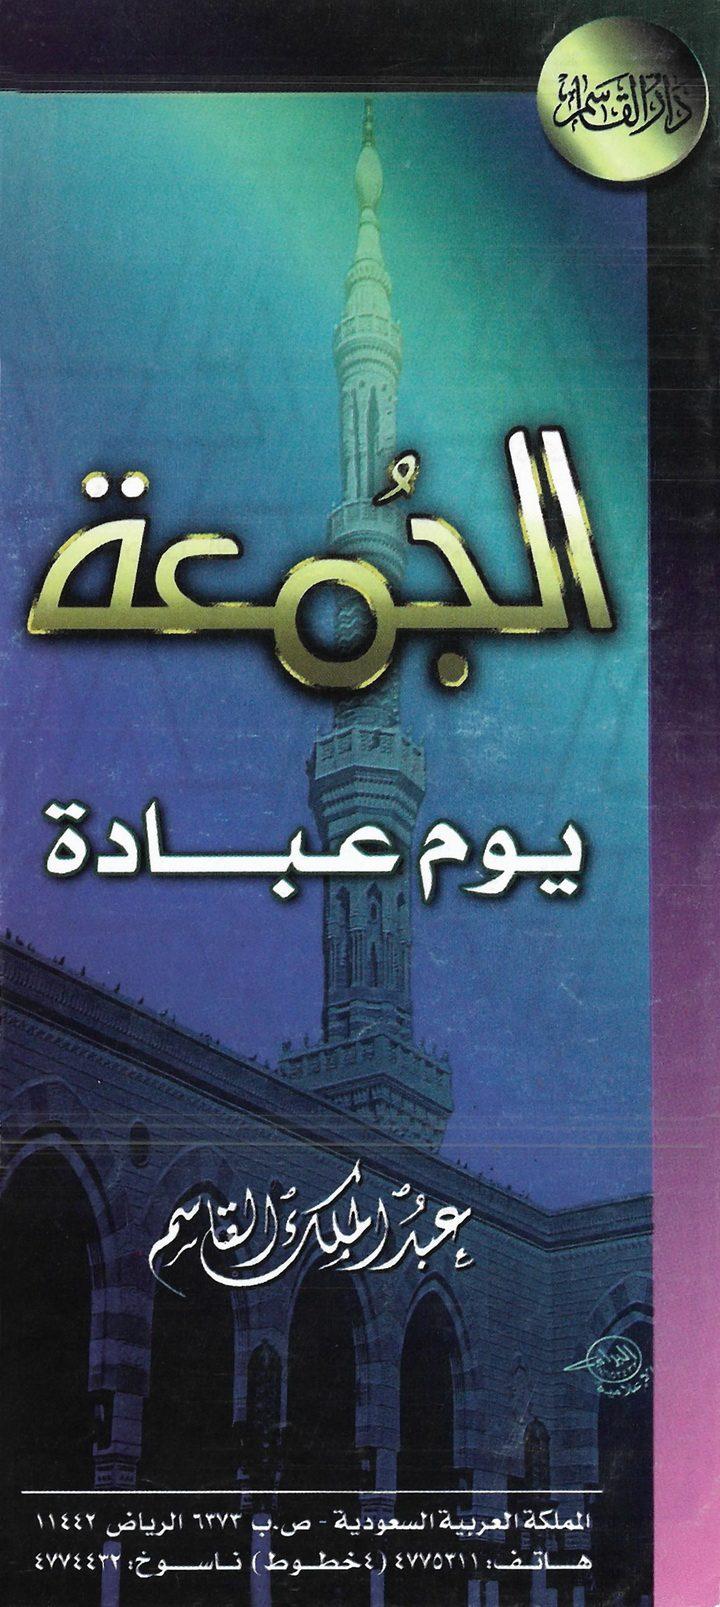 الجمعة يوم عبادة (عبد الملك القاسم – دار القاسم)